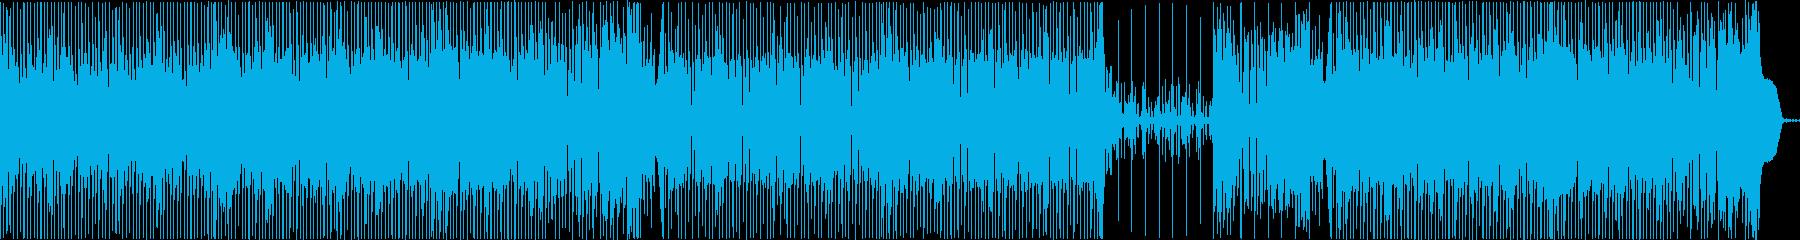 ニュース 報道 捜査 ミステリアス 混沌の再生済みの波形